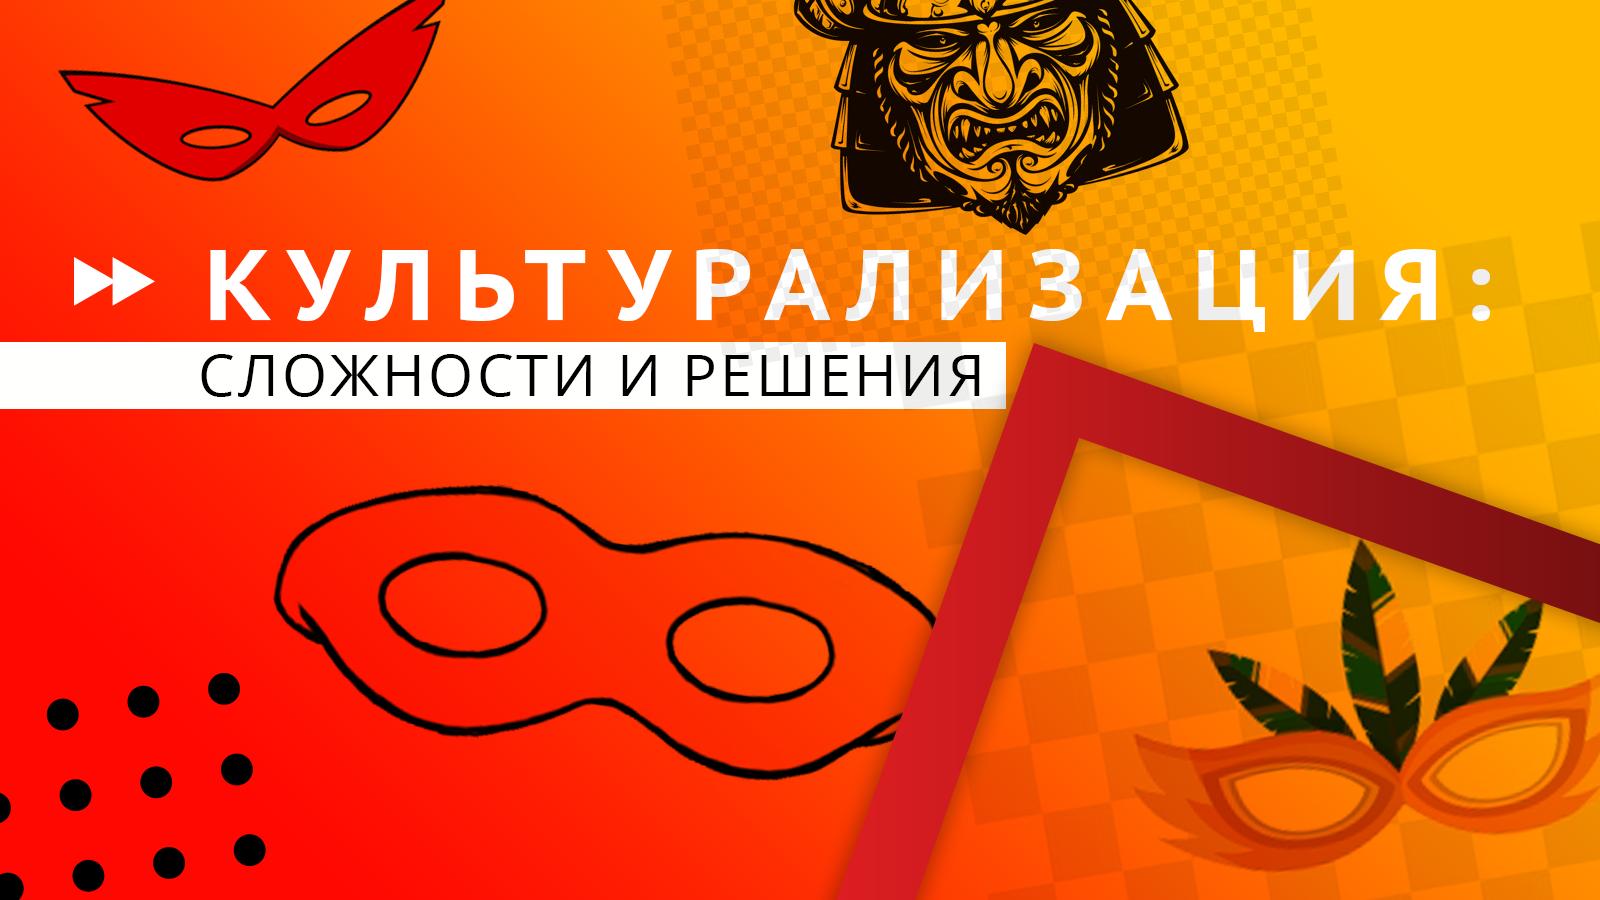 culturalization_ru